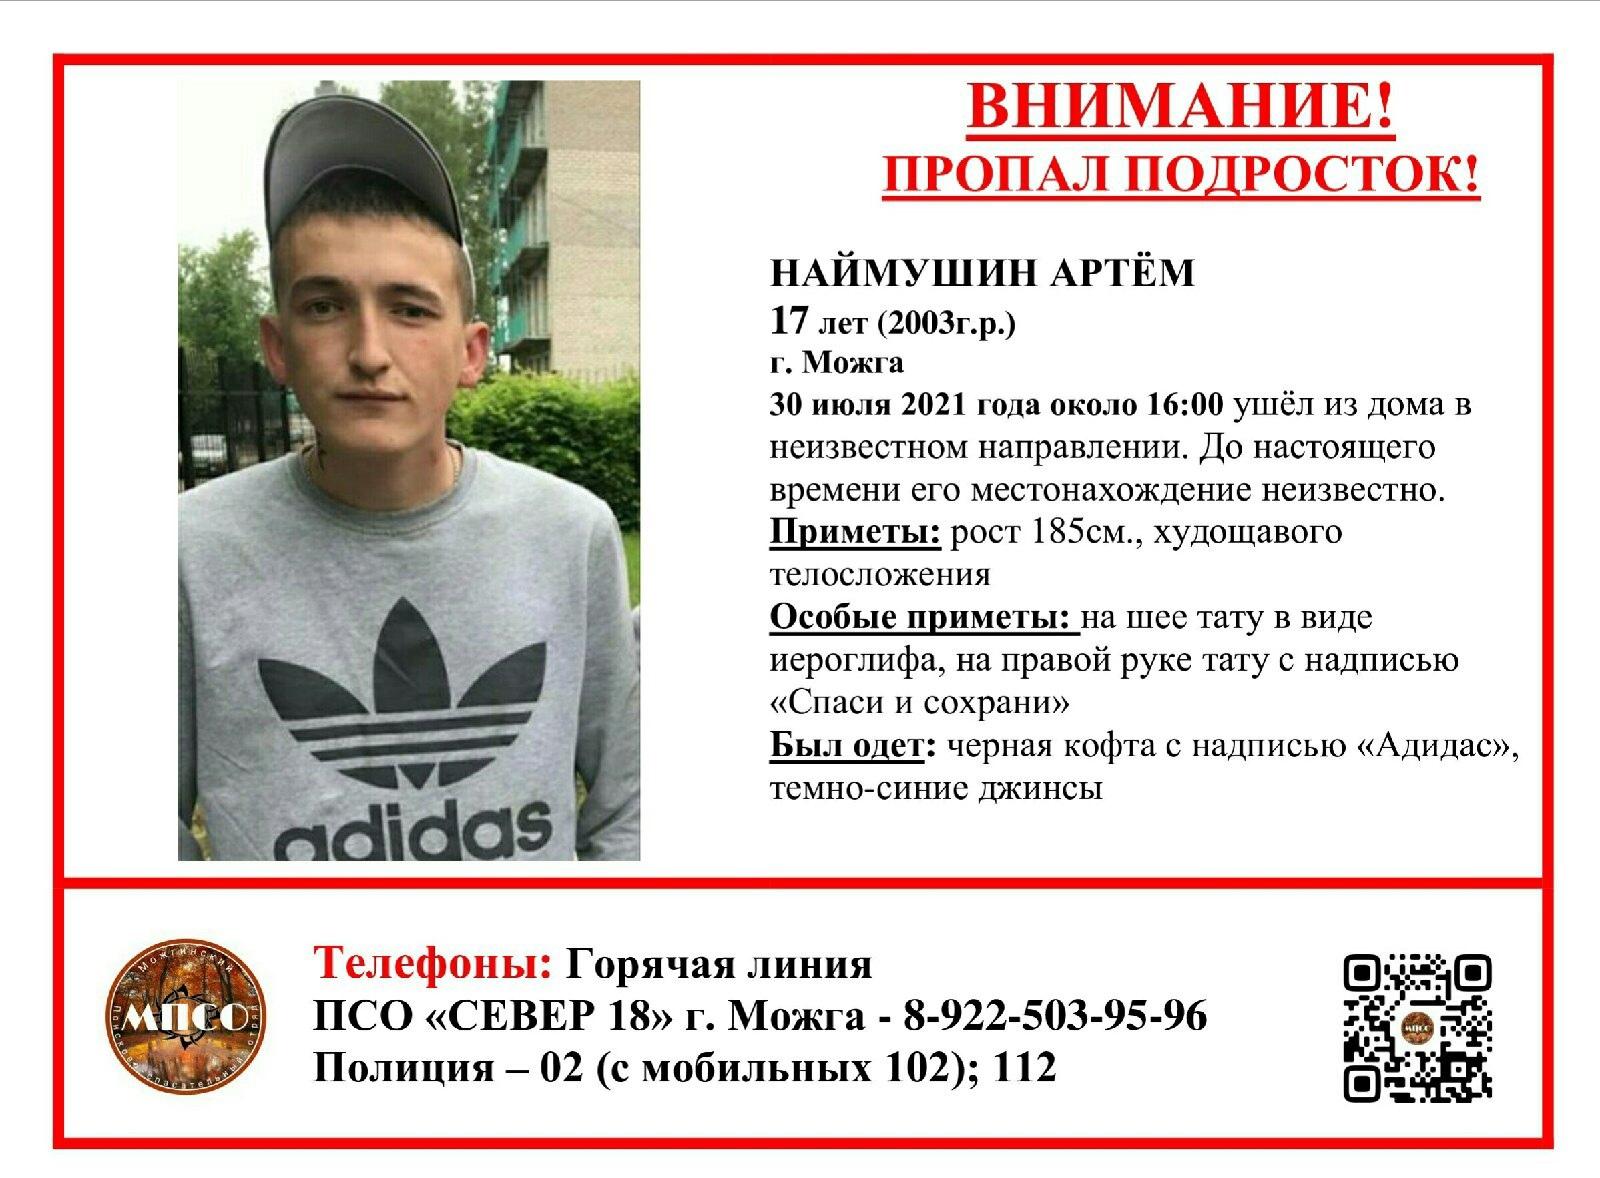 Внимание, пропал подросток! Наймушин Артем, 17 лет